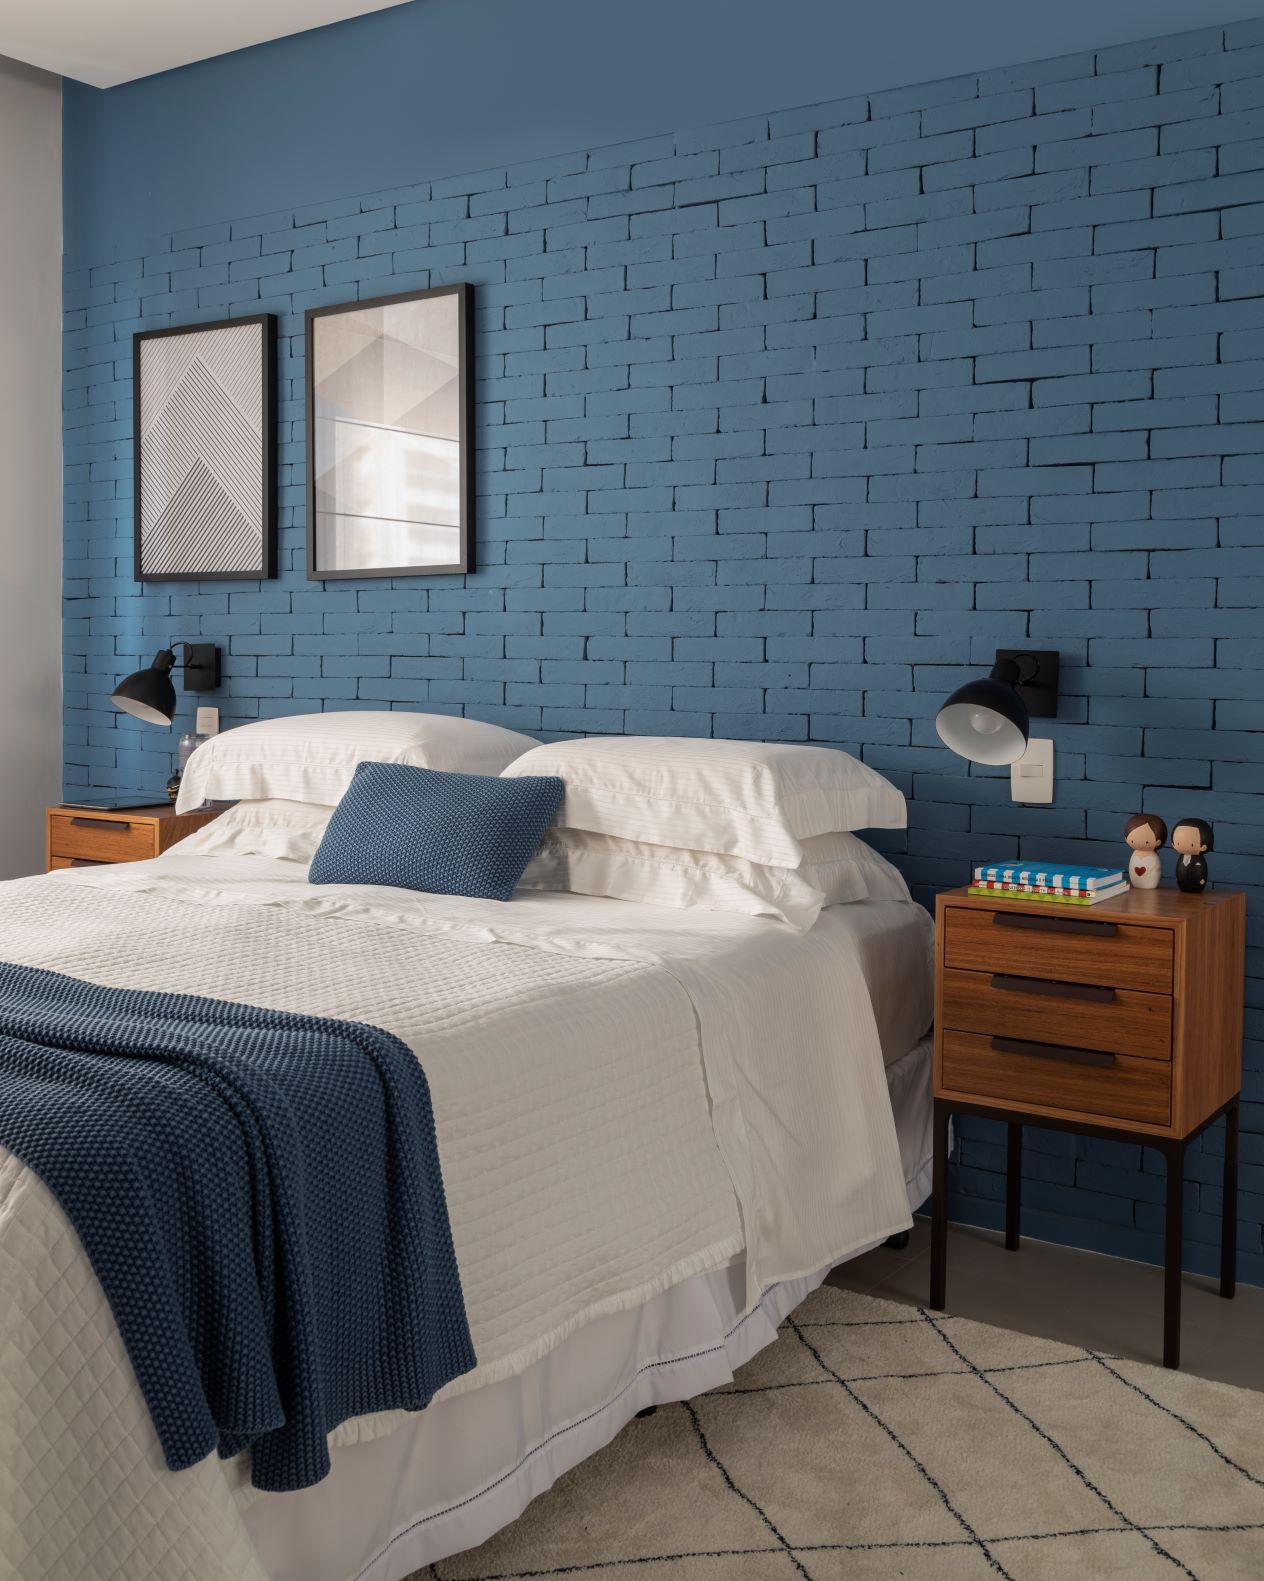 parede azul de tijolinho